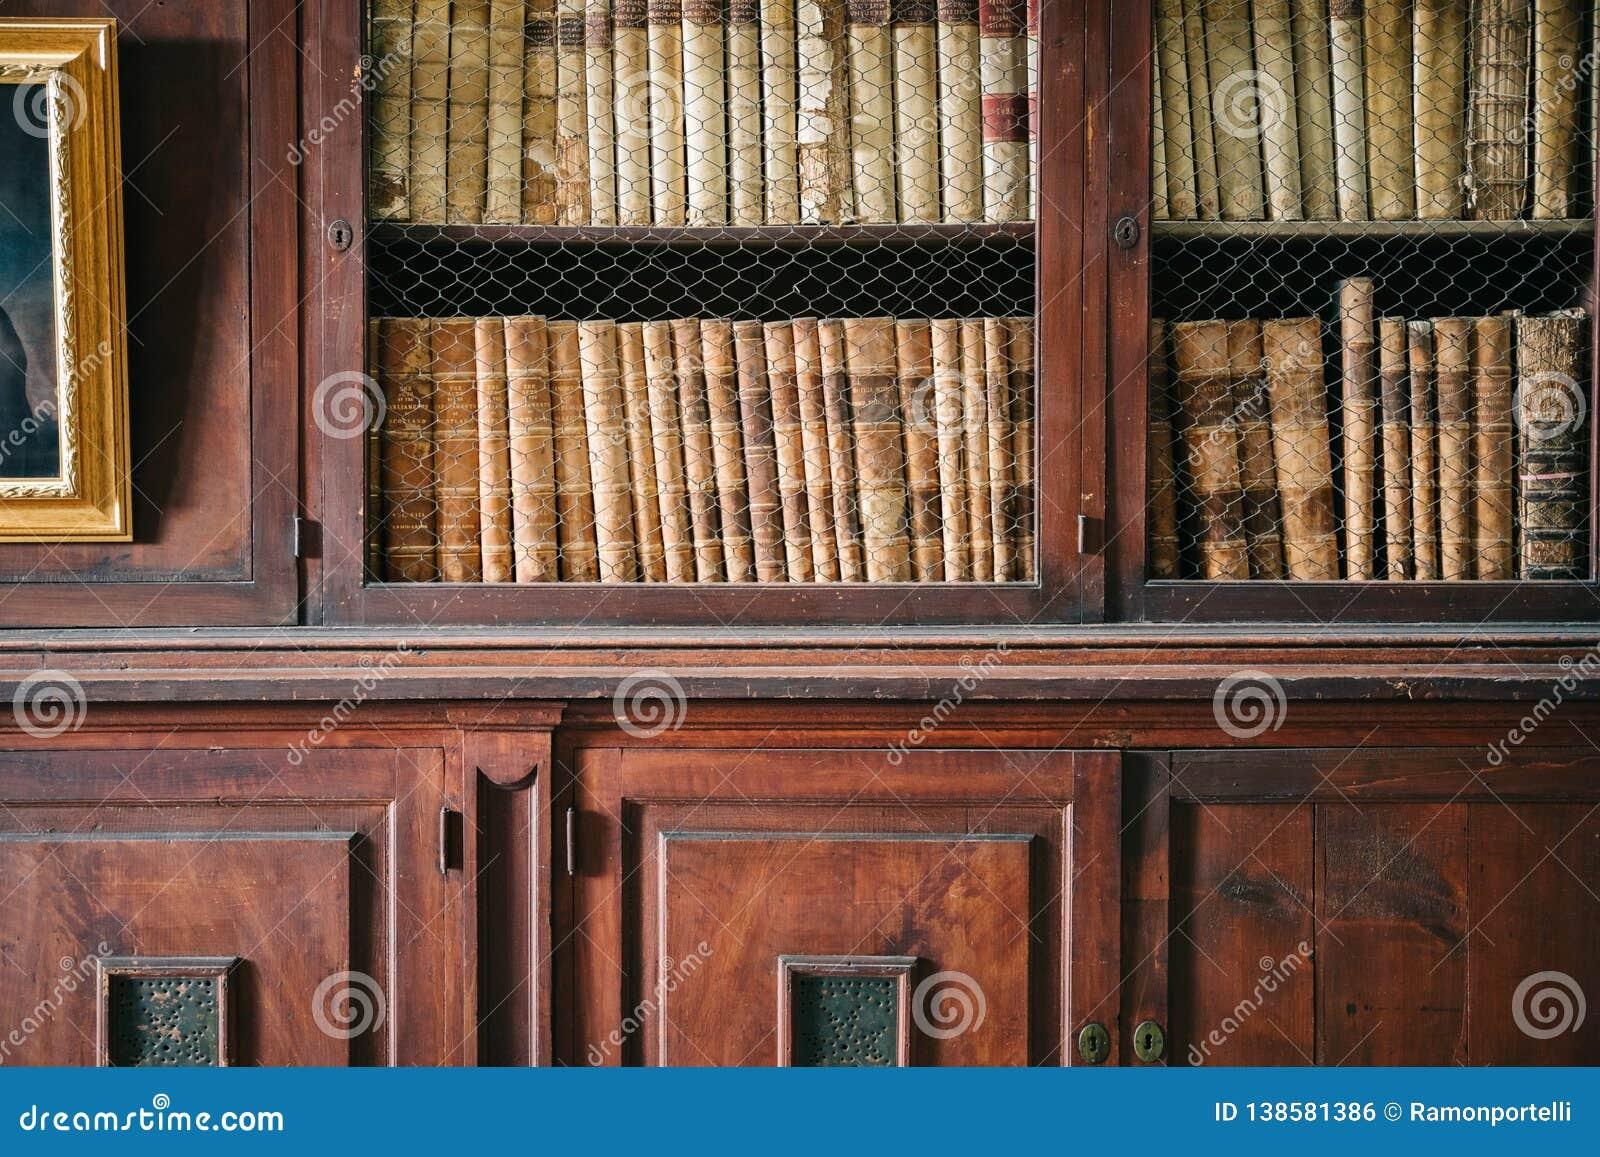 Hout met panelen beklede muren en planken in een historische bibliotheek Detailschot